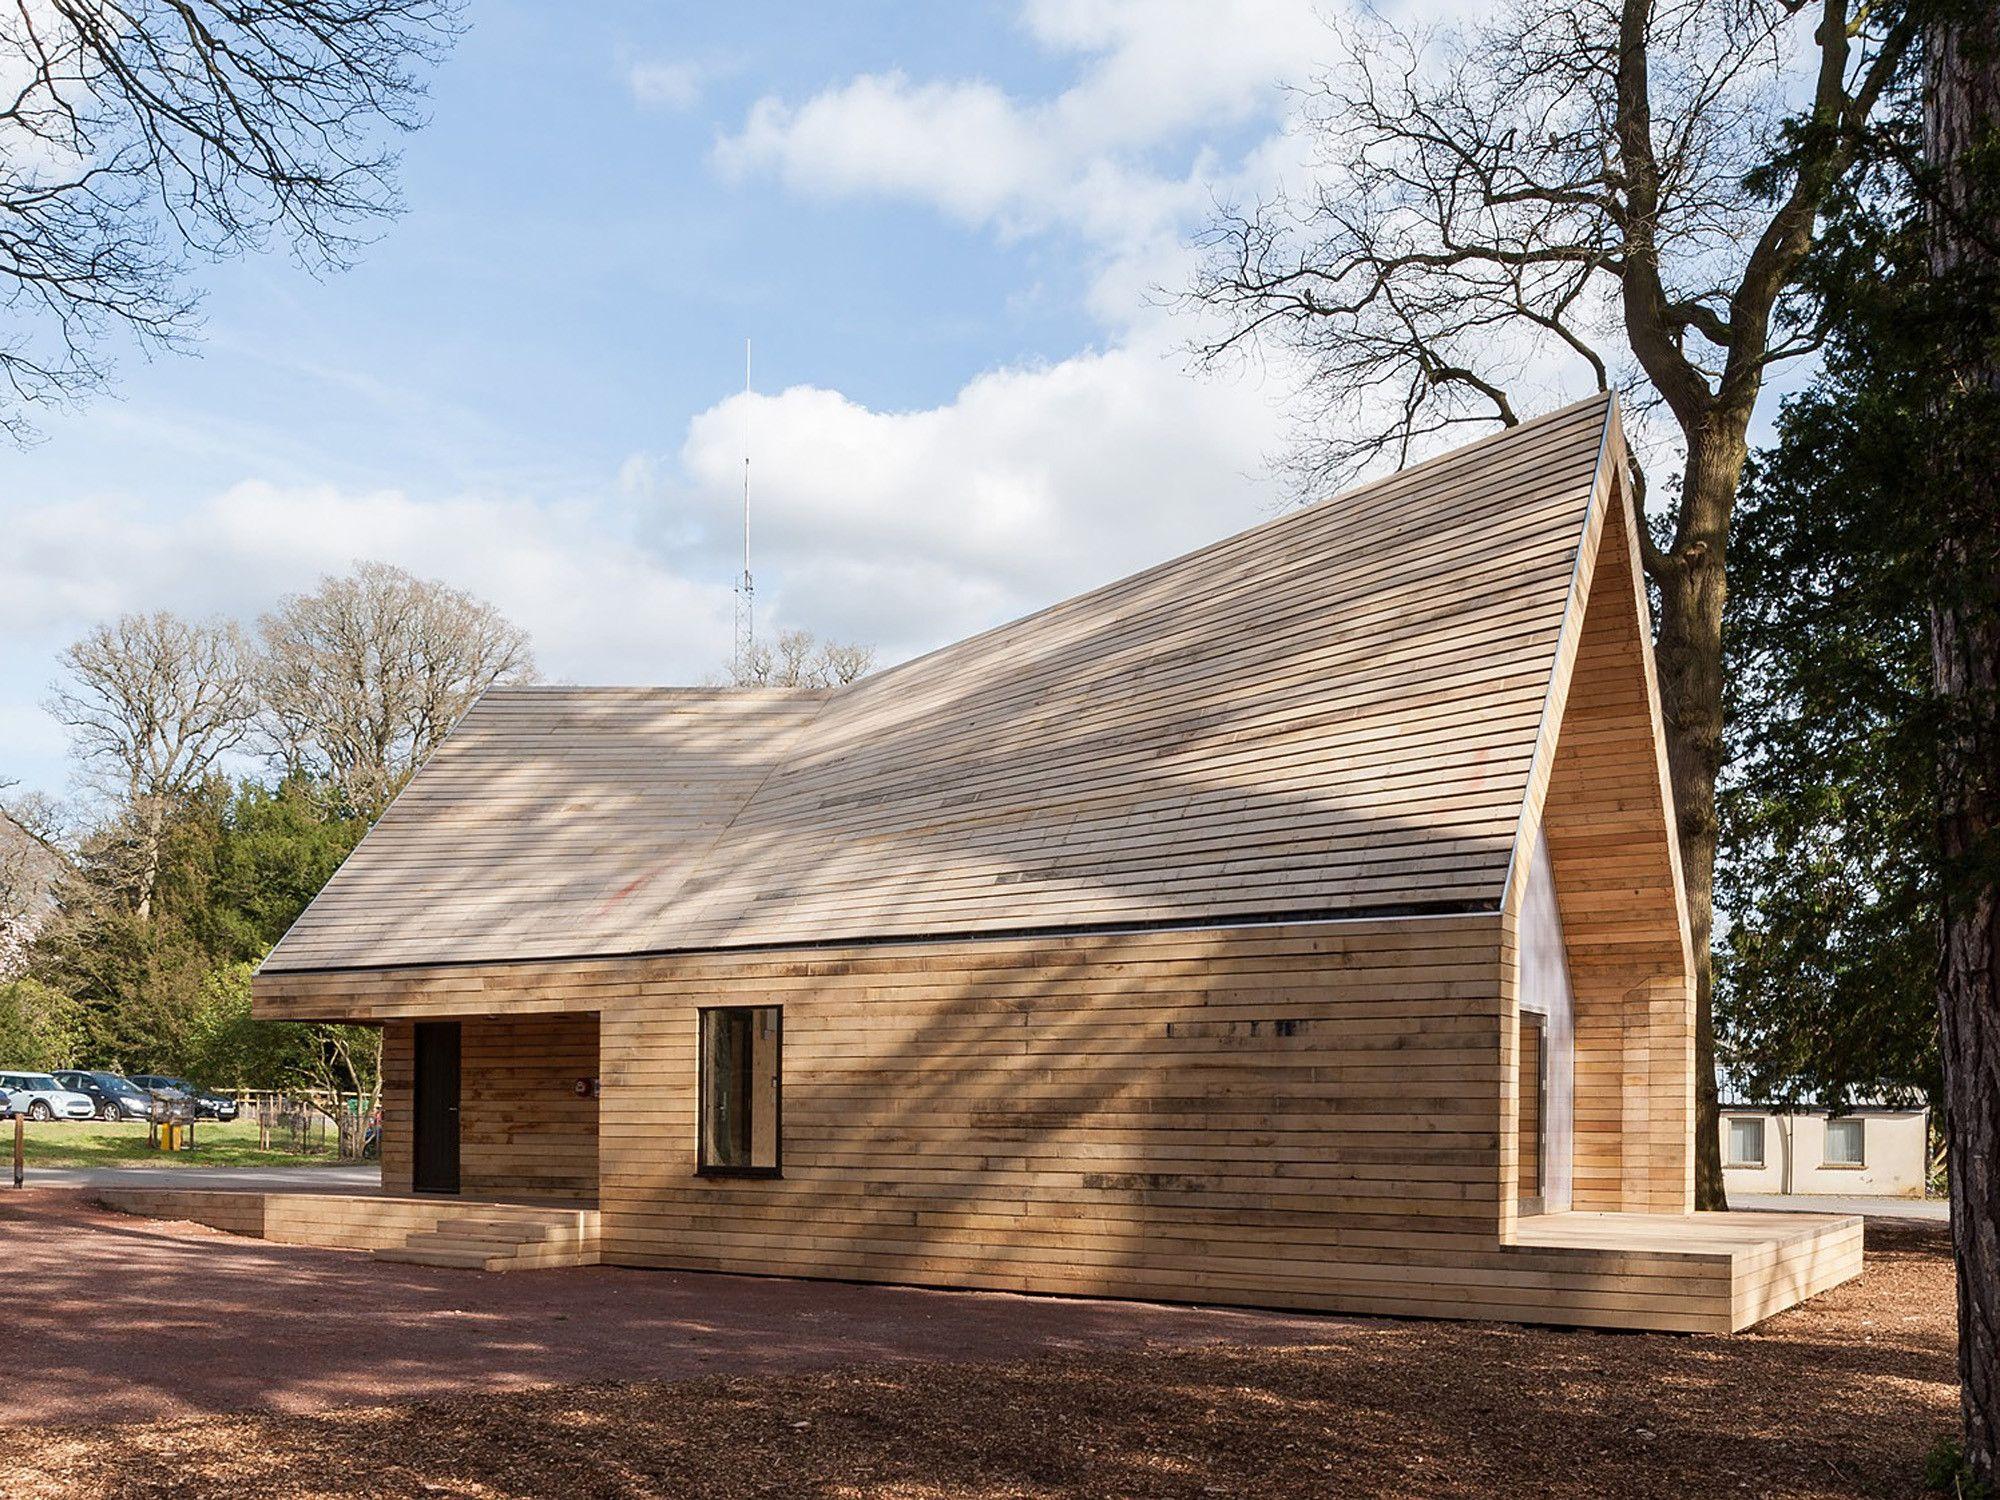 Exterior home design ideen einzelne geschichte pin von pinski da auf architecture in   pinterest